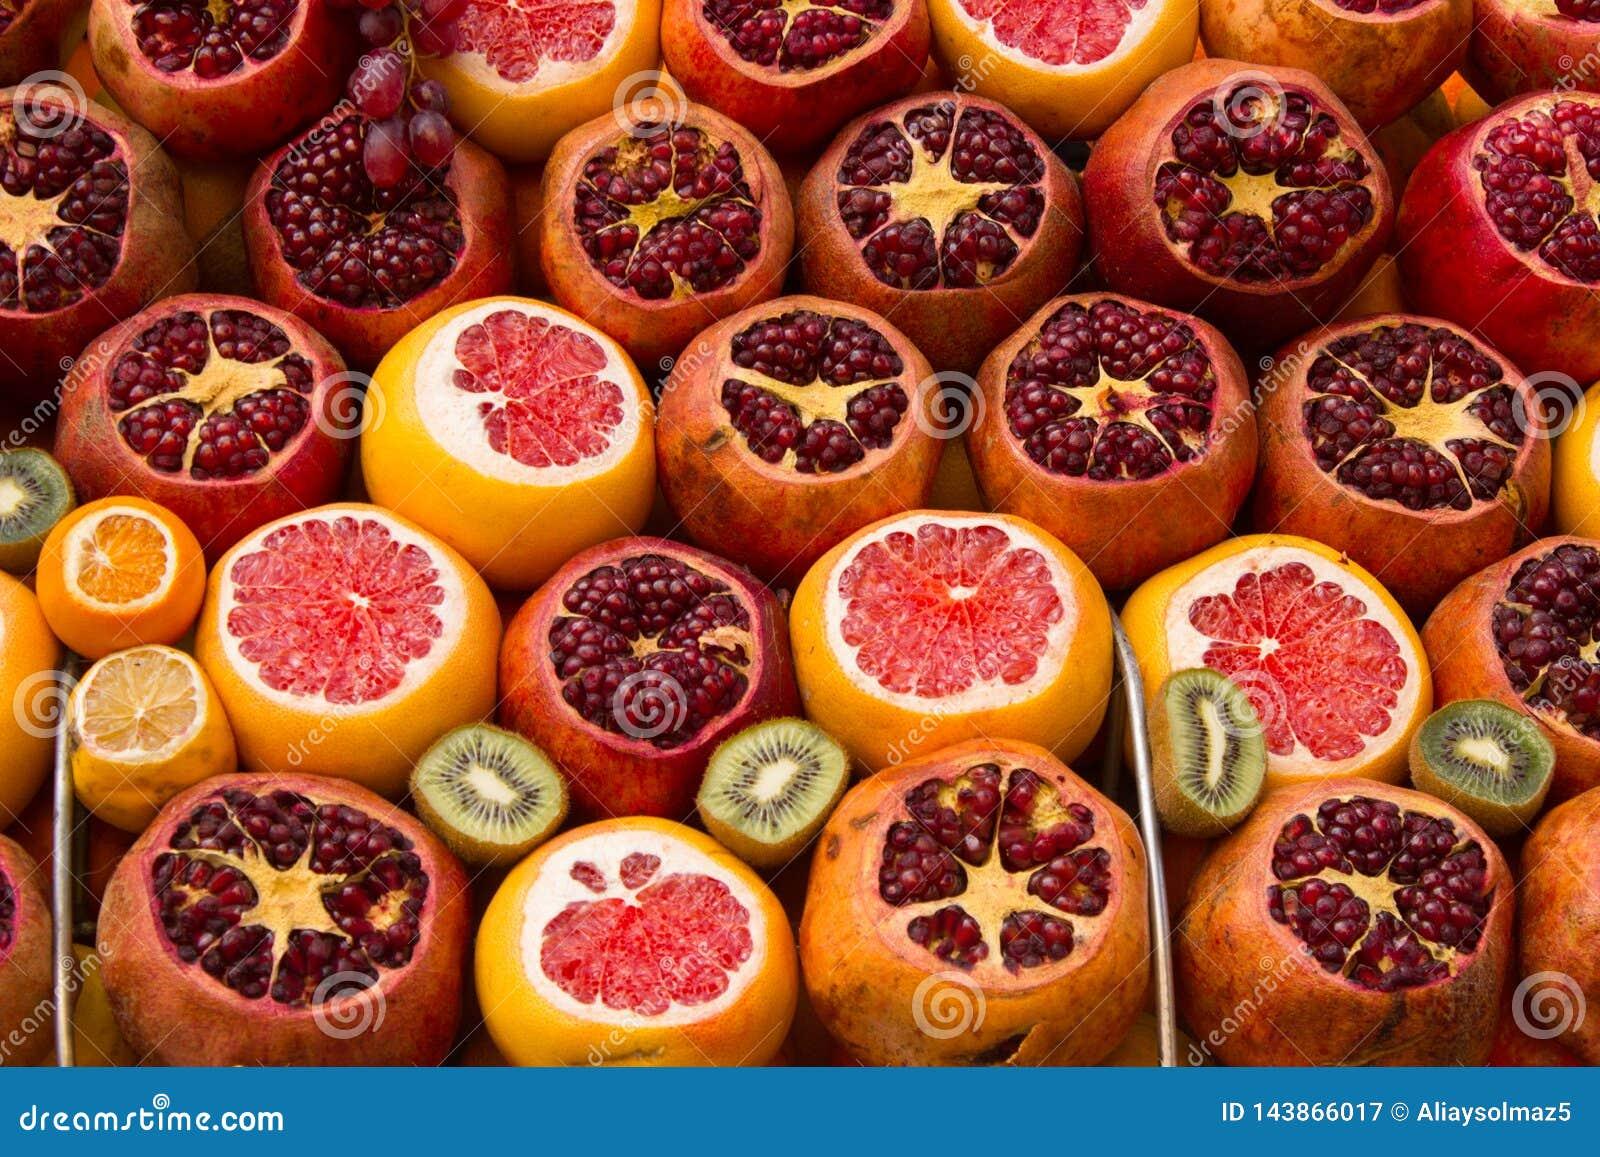 Decorated Orange, Pomegranate and Kiwi on the Market Shelf